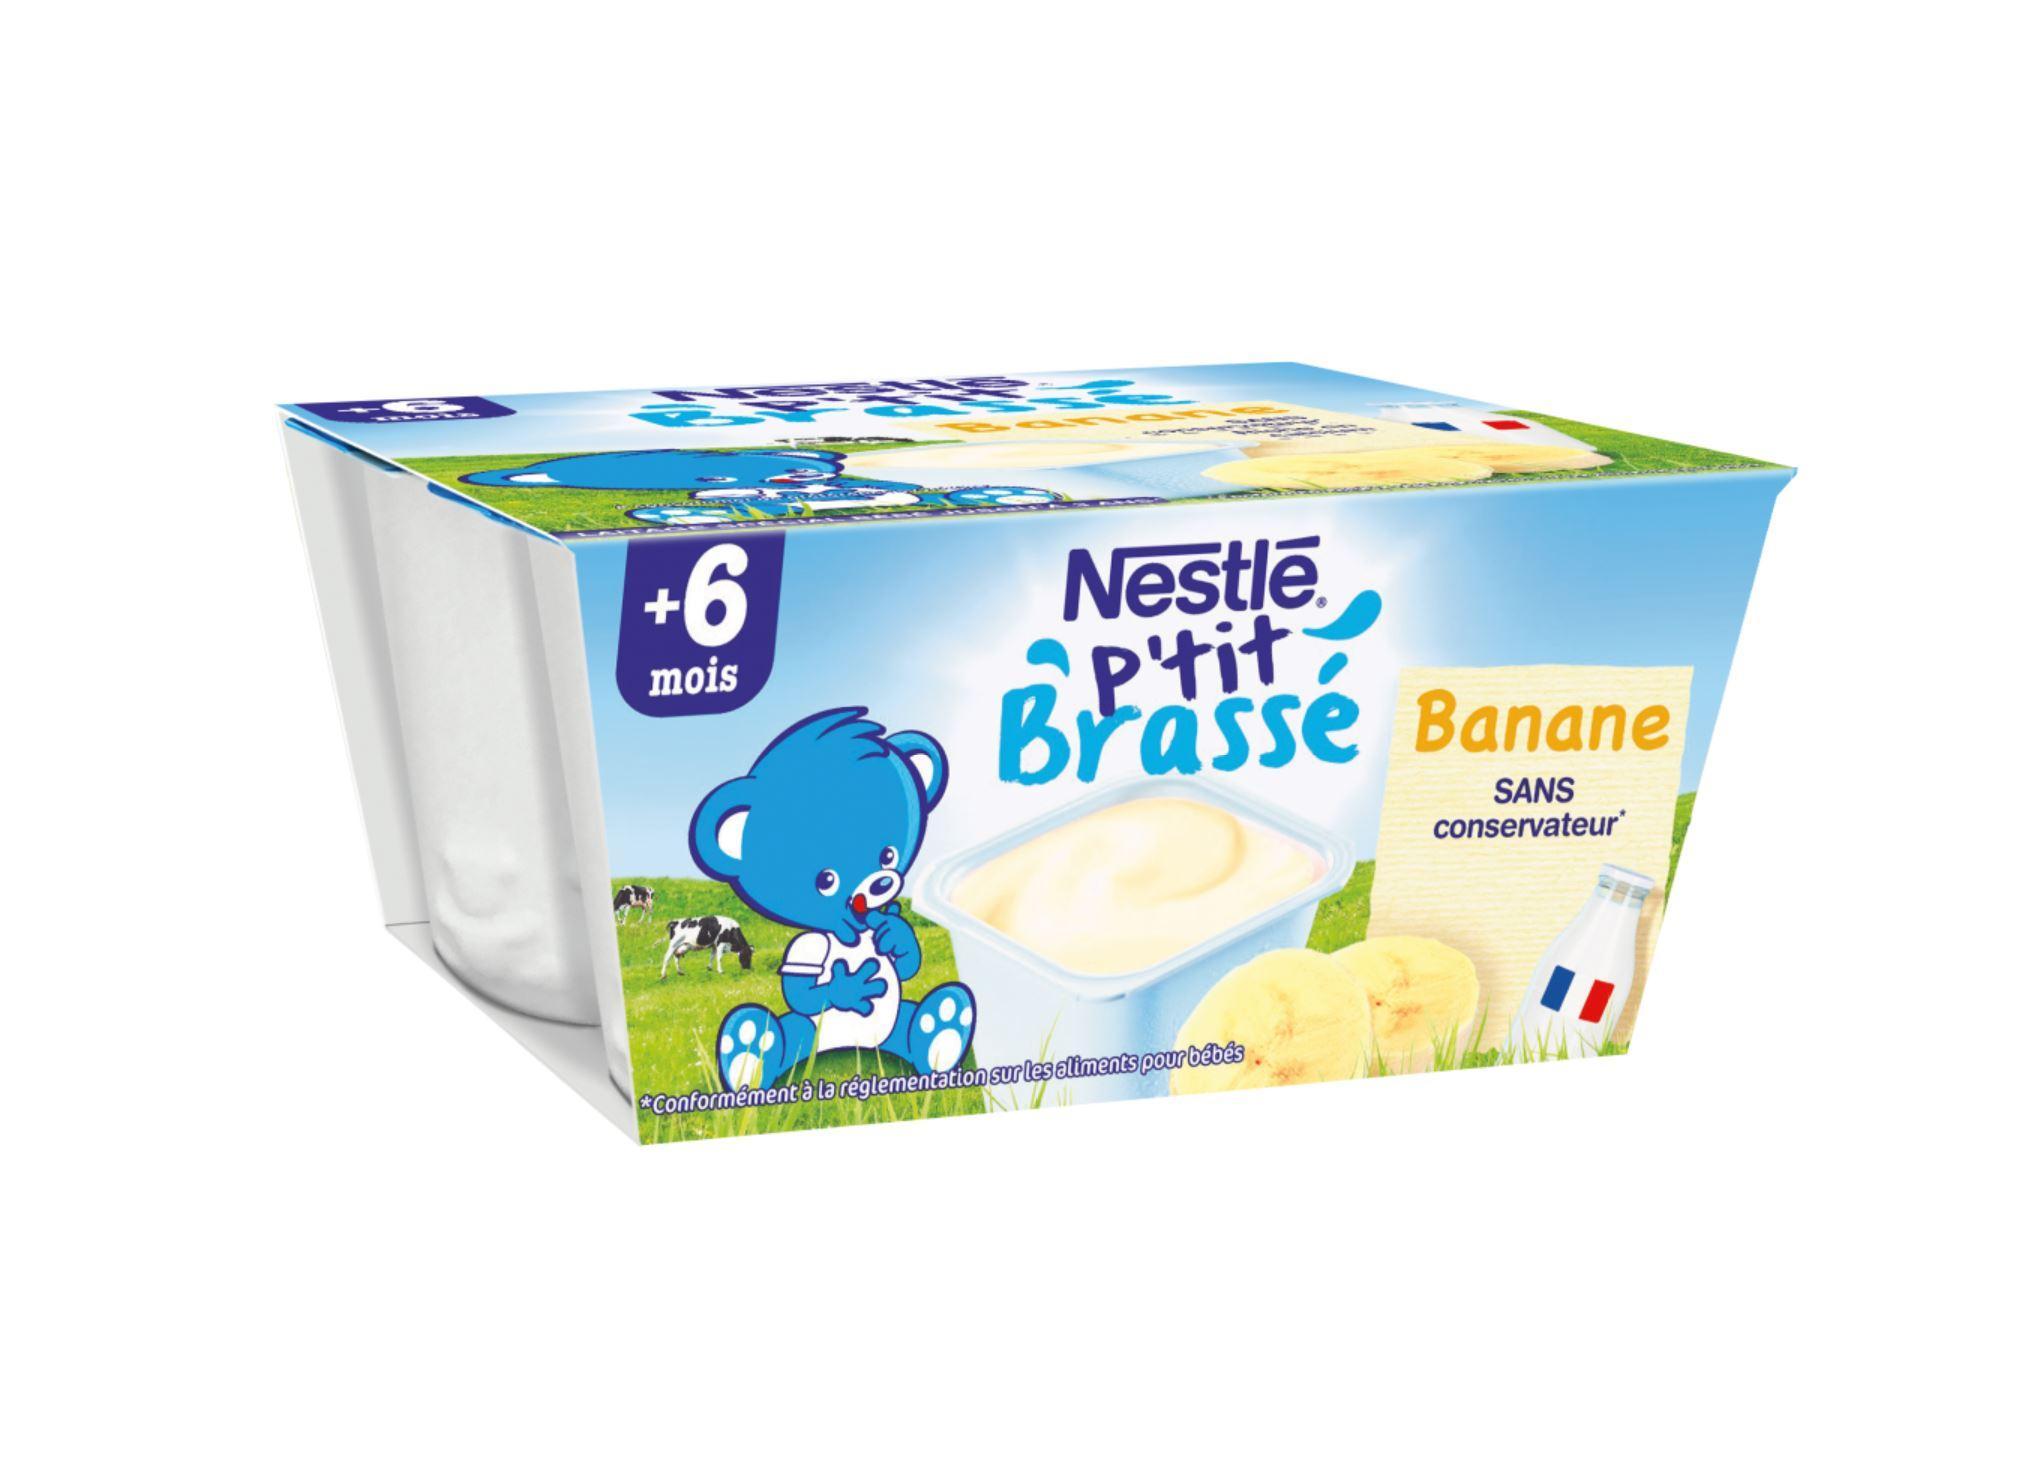 P'tit brassé saveur banane NESTLÉ